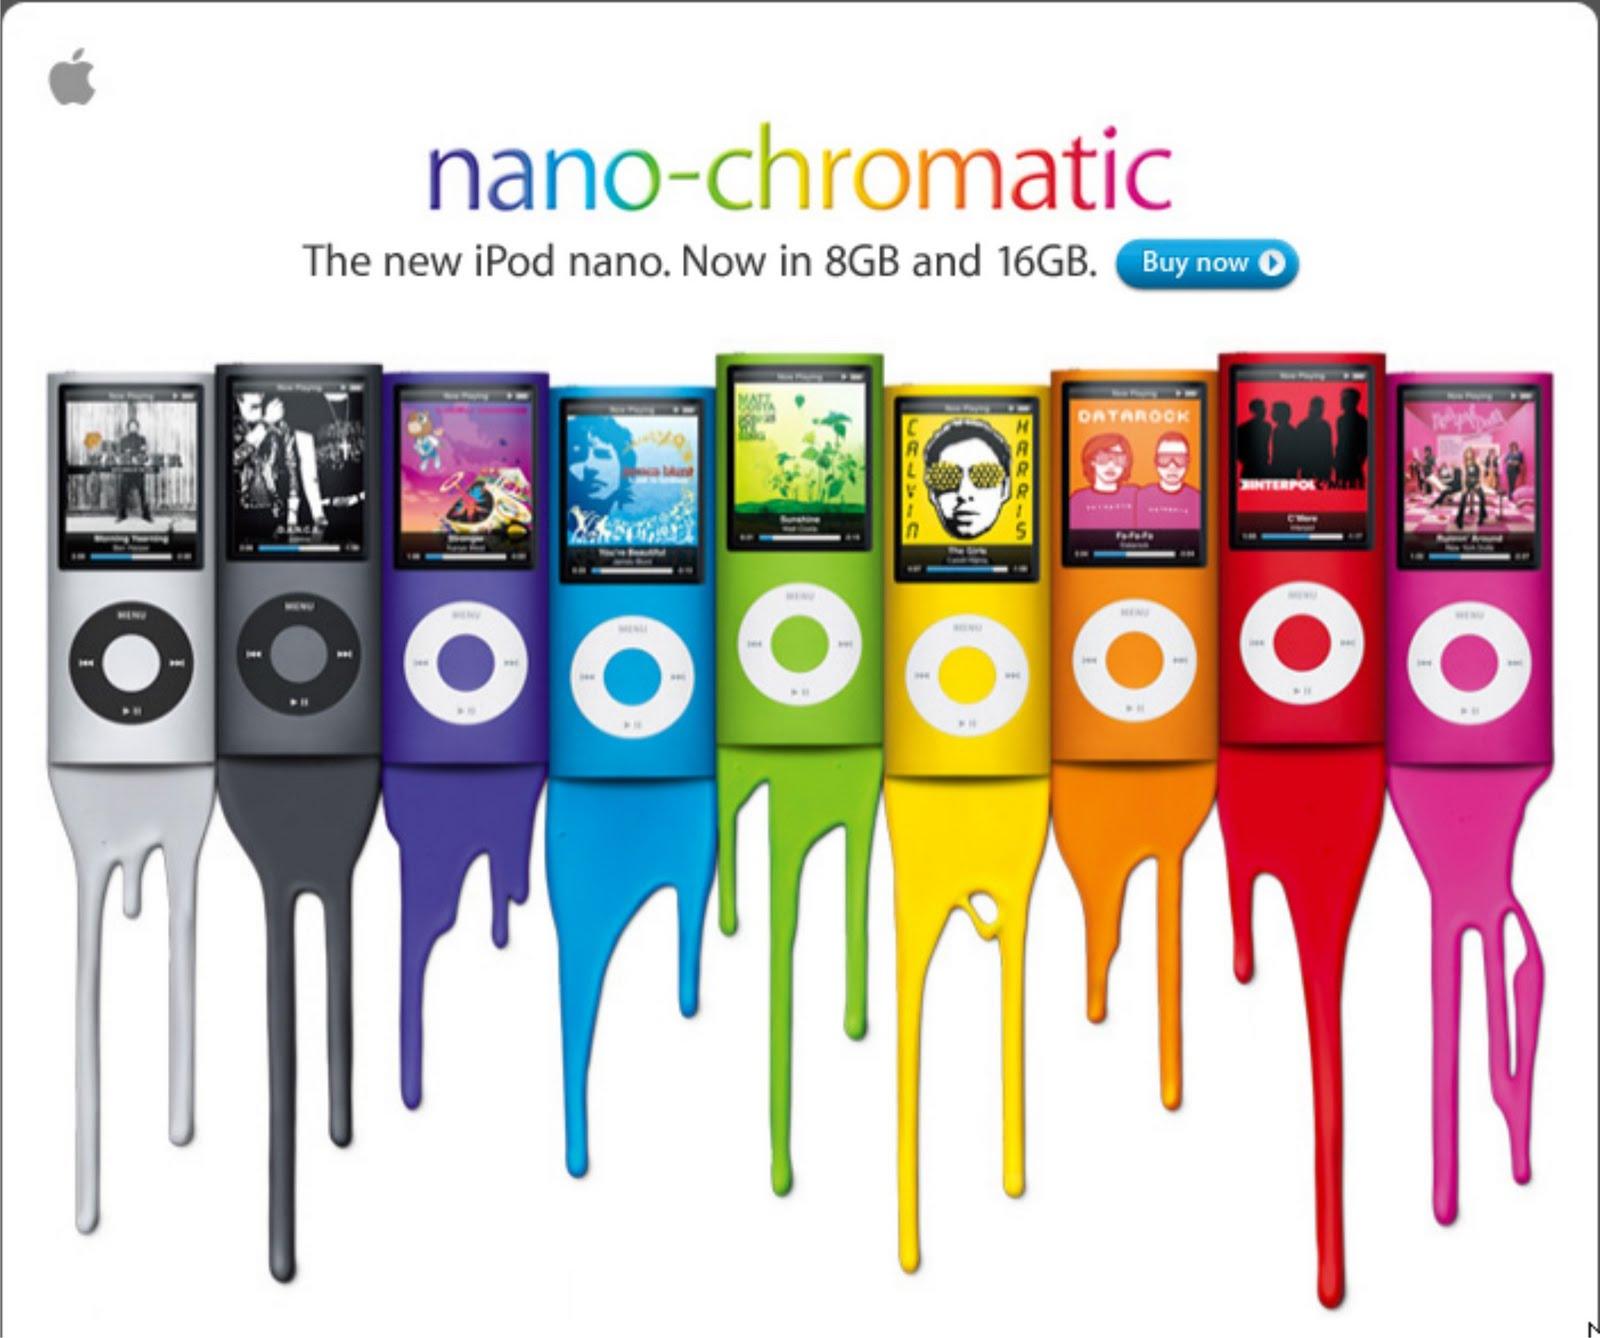 http://1.bp.blogspot.com/_-eeDy9dBsaE/TJhiOHBefFI/AAAAAAAAAK8/th58CTzayr0/s1600/ipod-nano-cromatic1.jpg